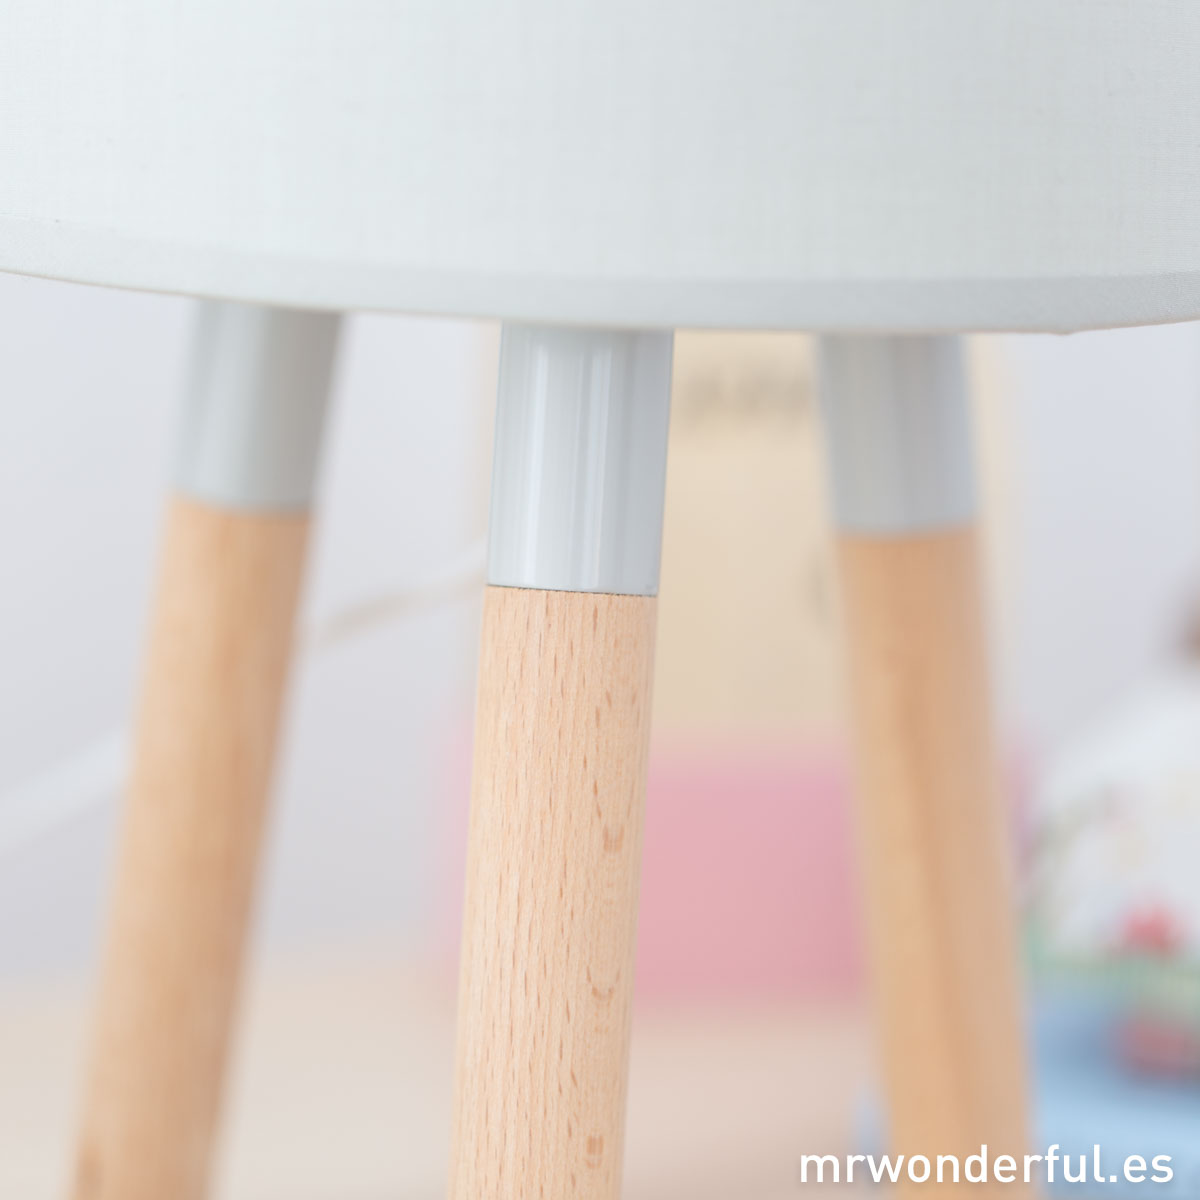 mrwonderful_PRA02884_Lampara-de-mesa-de-madera-color-gris-4